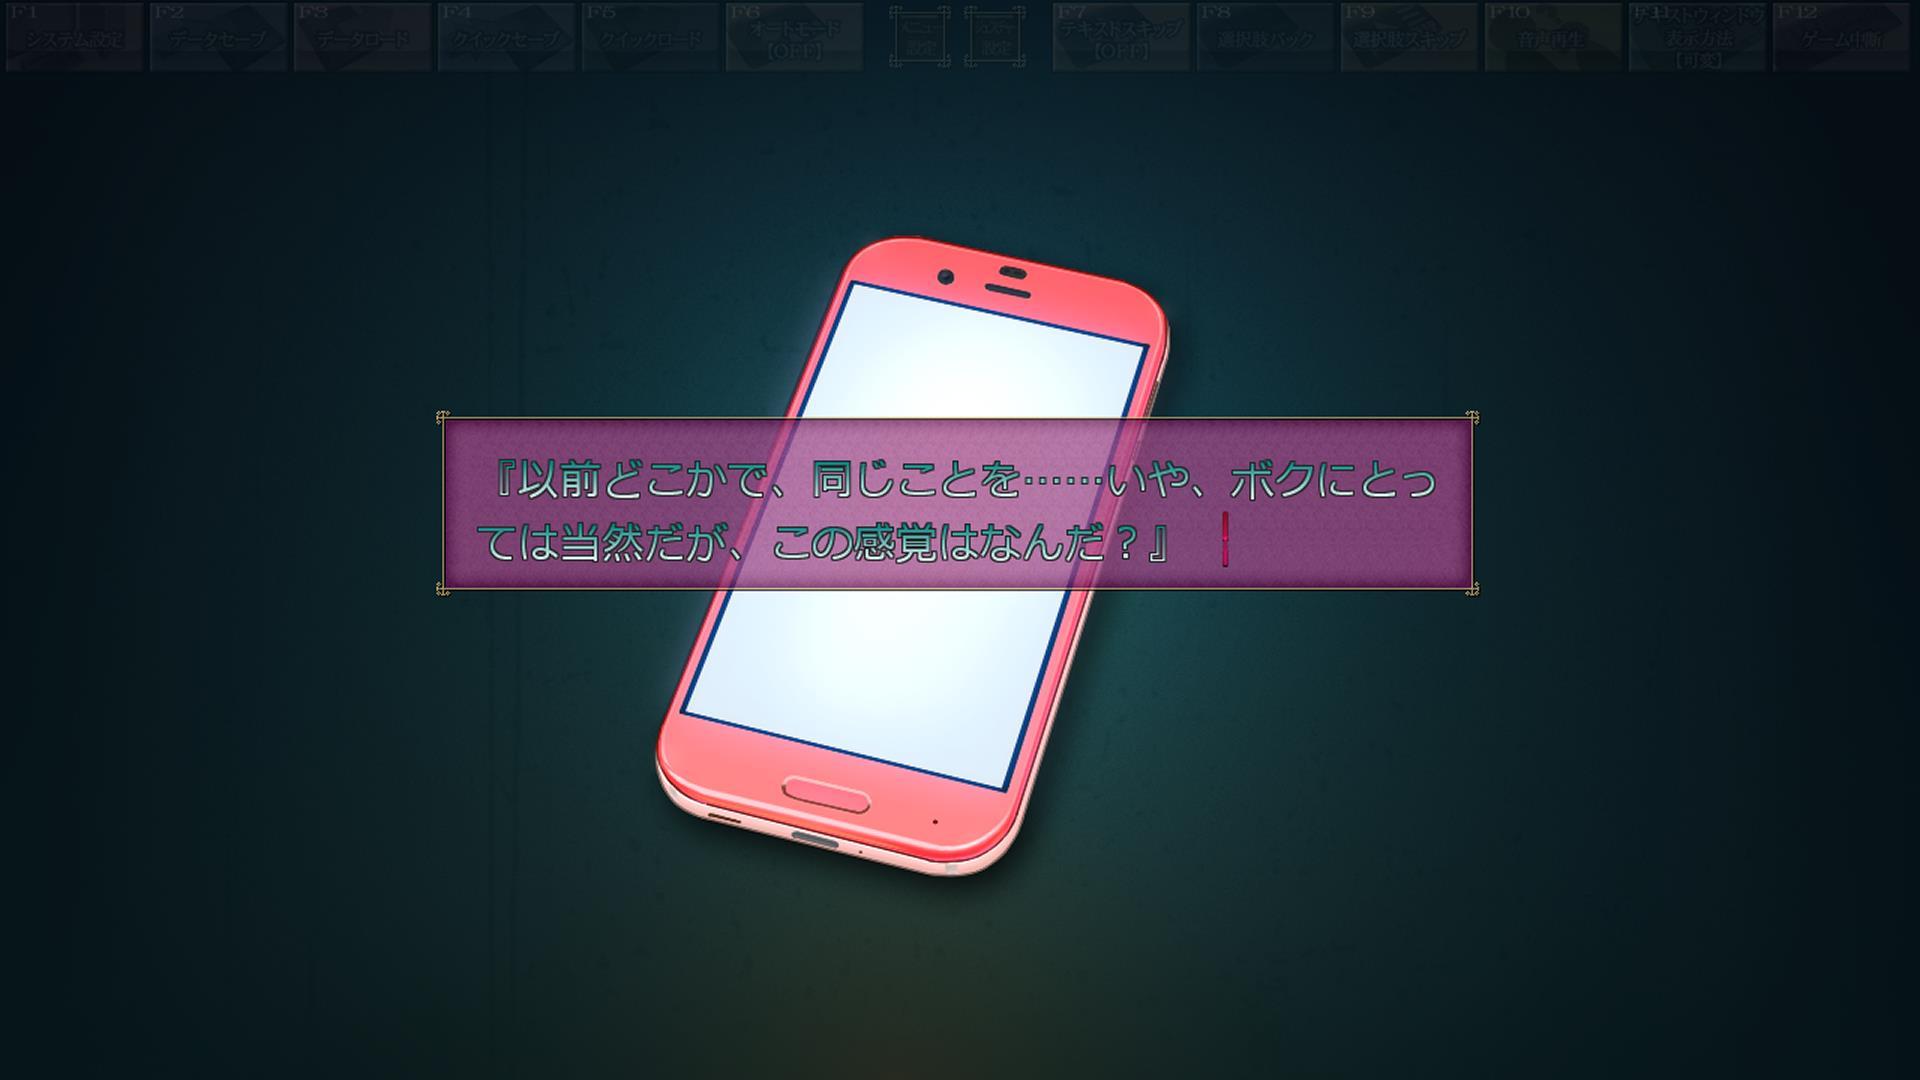 screeenshot-20200729220340089.jpg